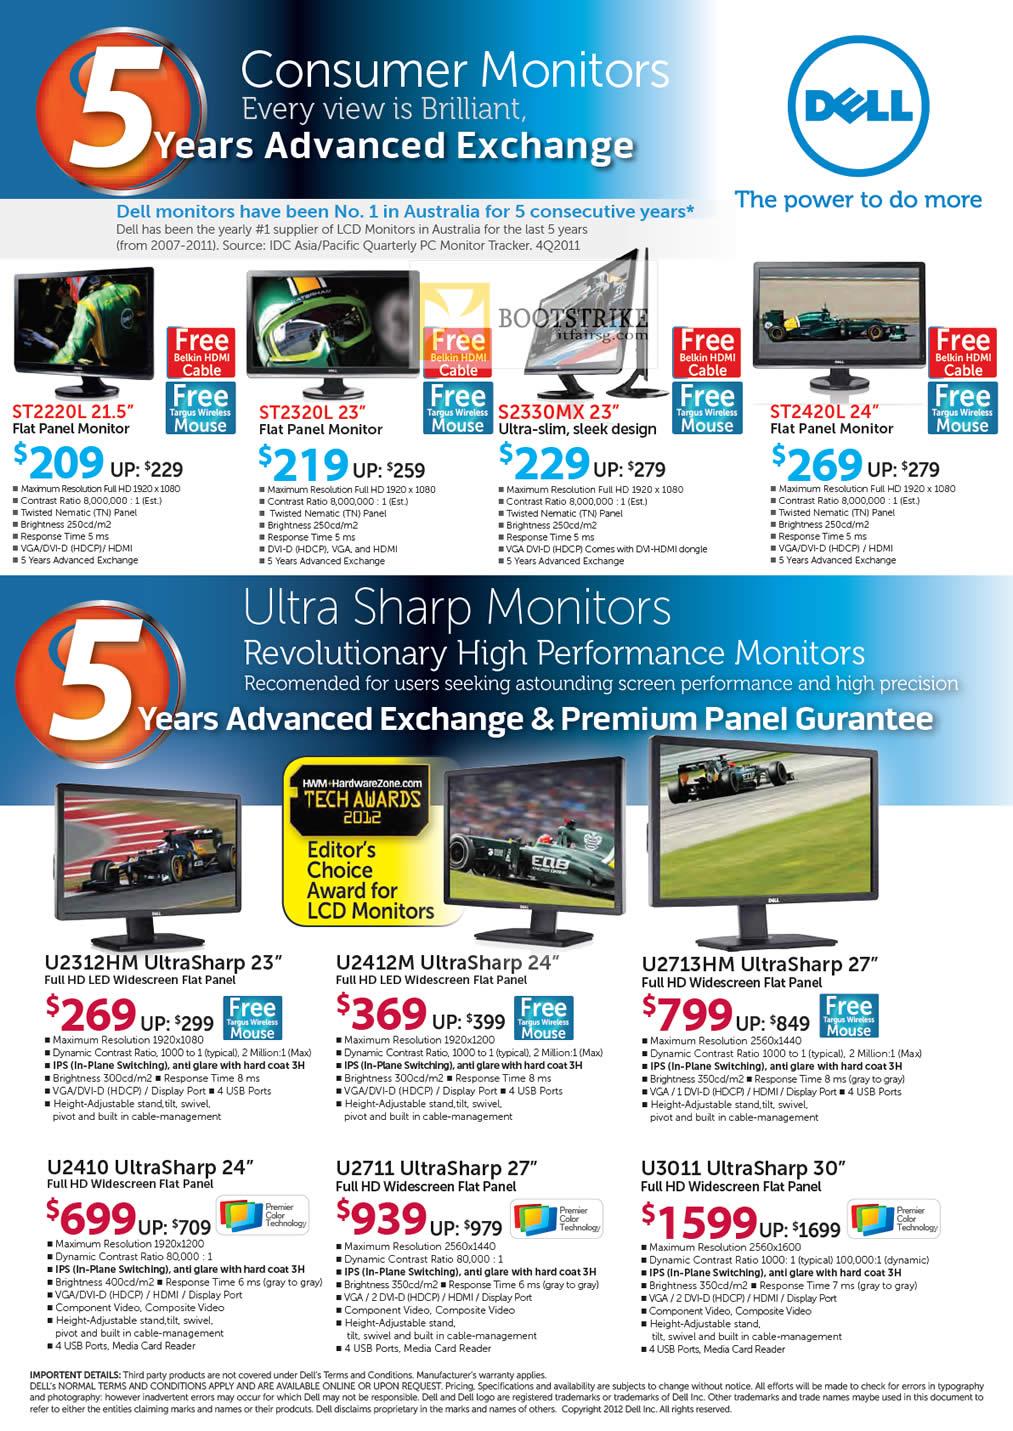 COMEX 2012 price list image brochure of Dell Reseller Monitors ST2220L ST2320L S2330MX ST2420L, UltraSharp U2312HM U2412M U2713HM U2410 U2711 U3011